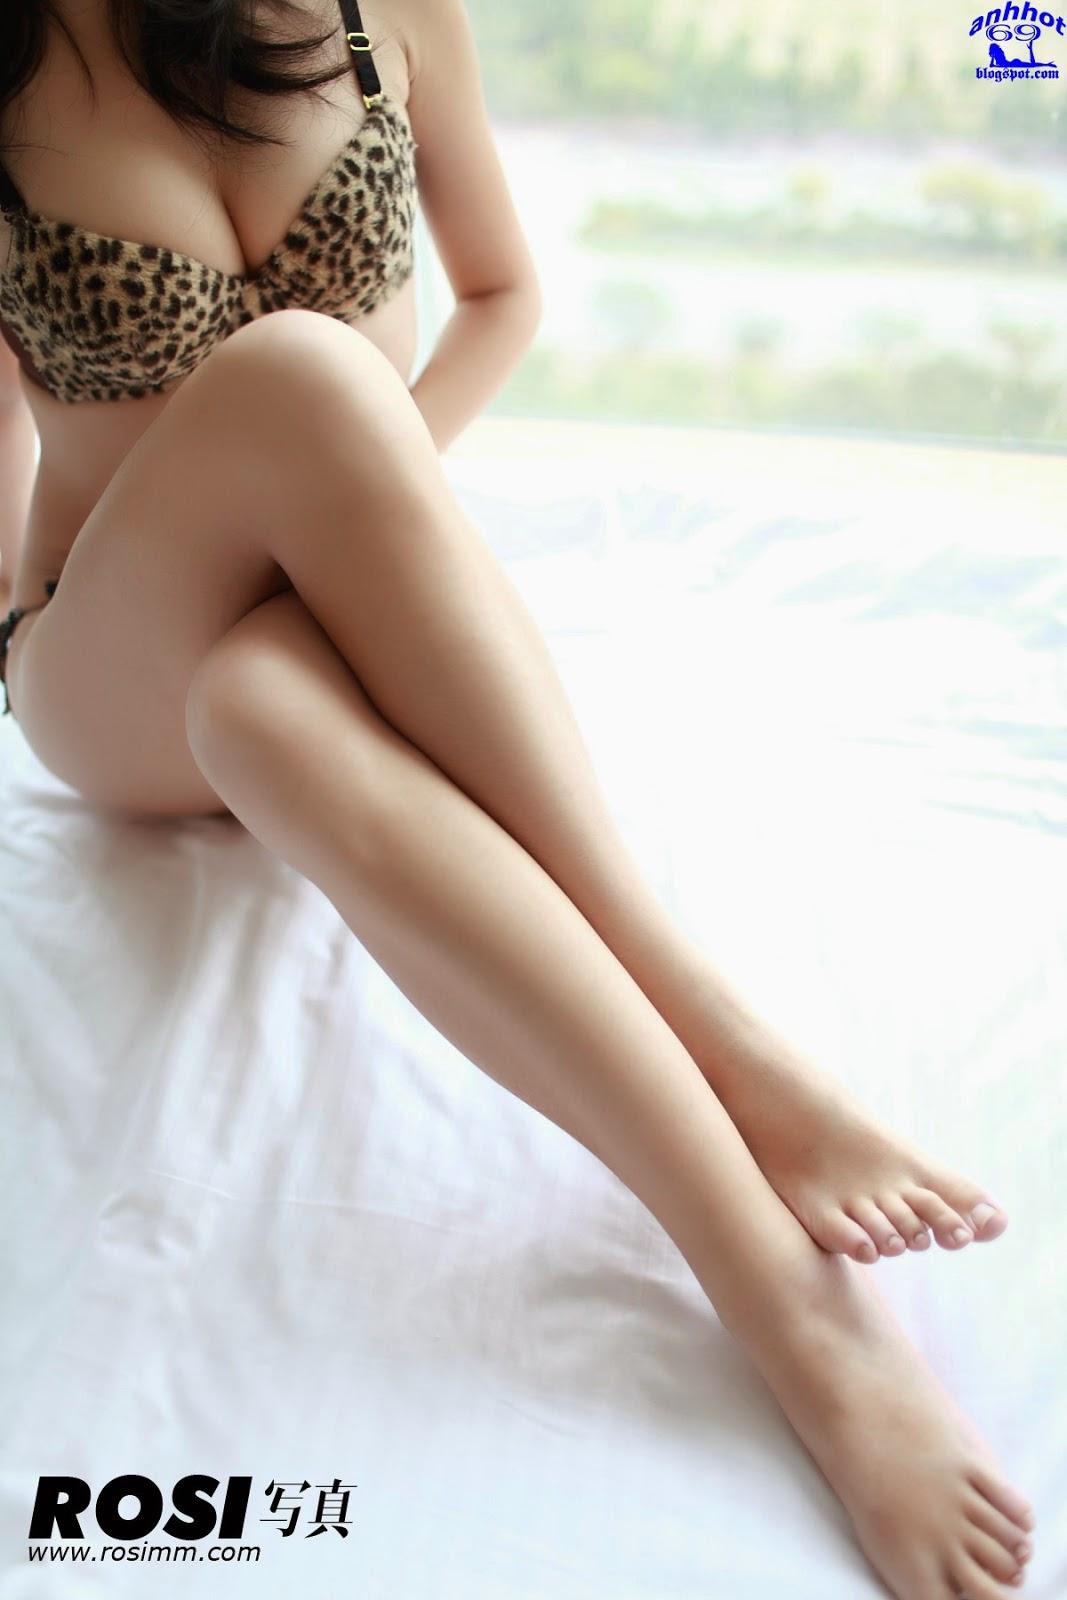 model_girl-rosi-01107722